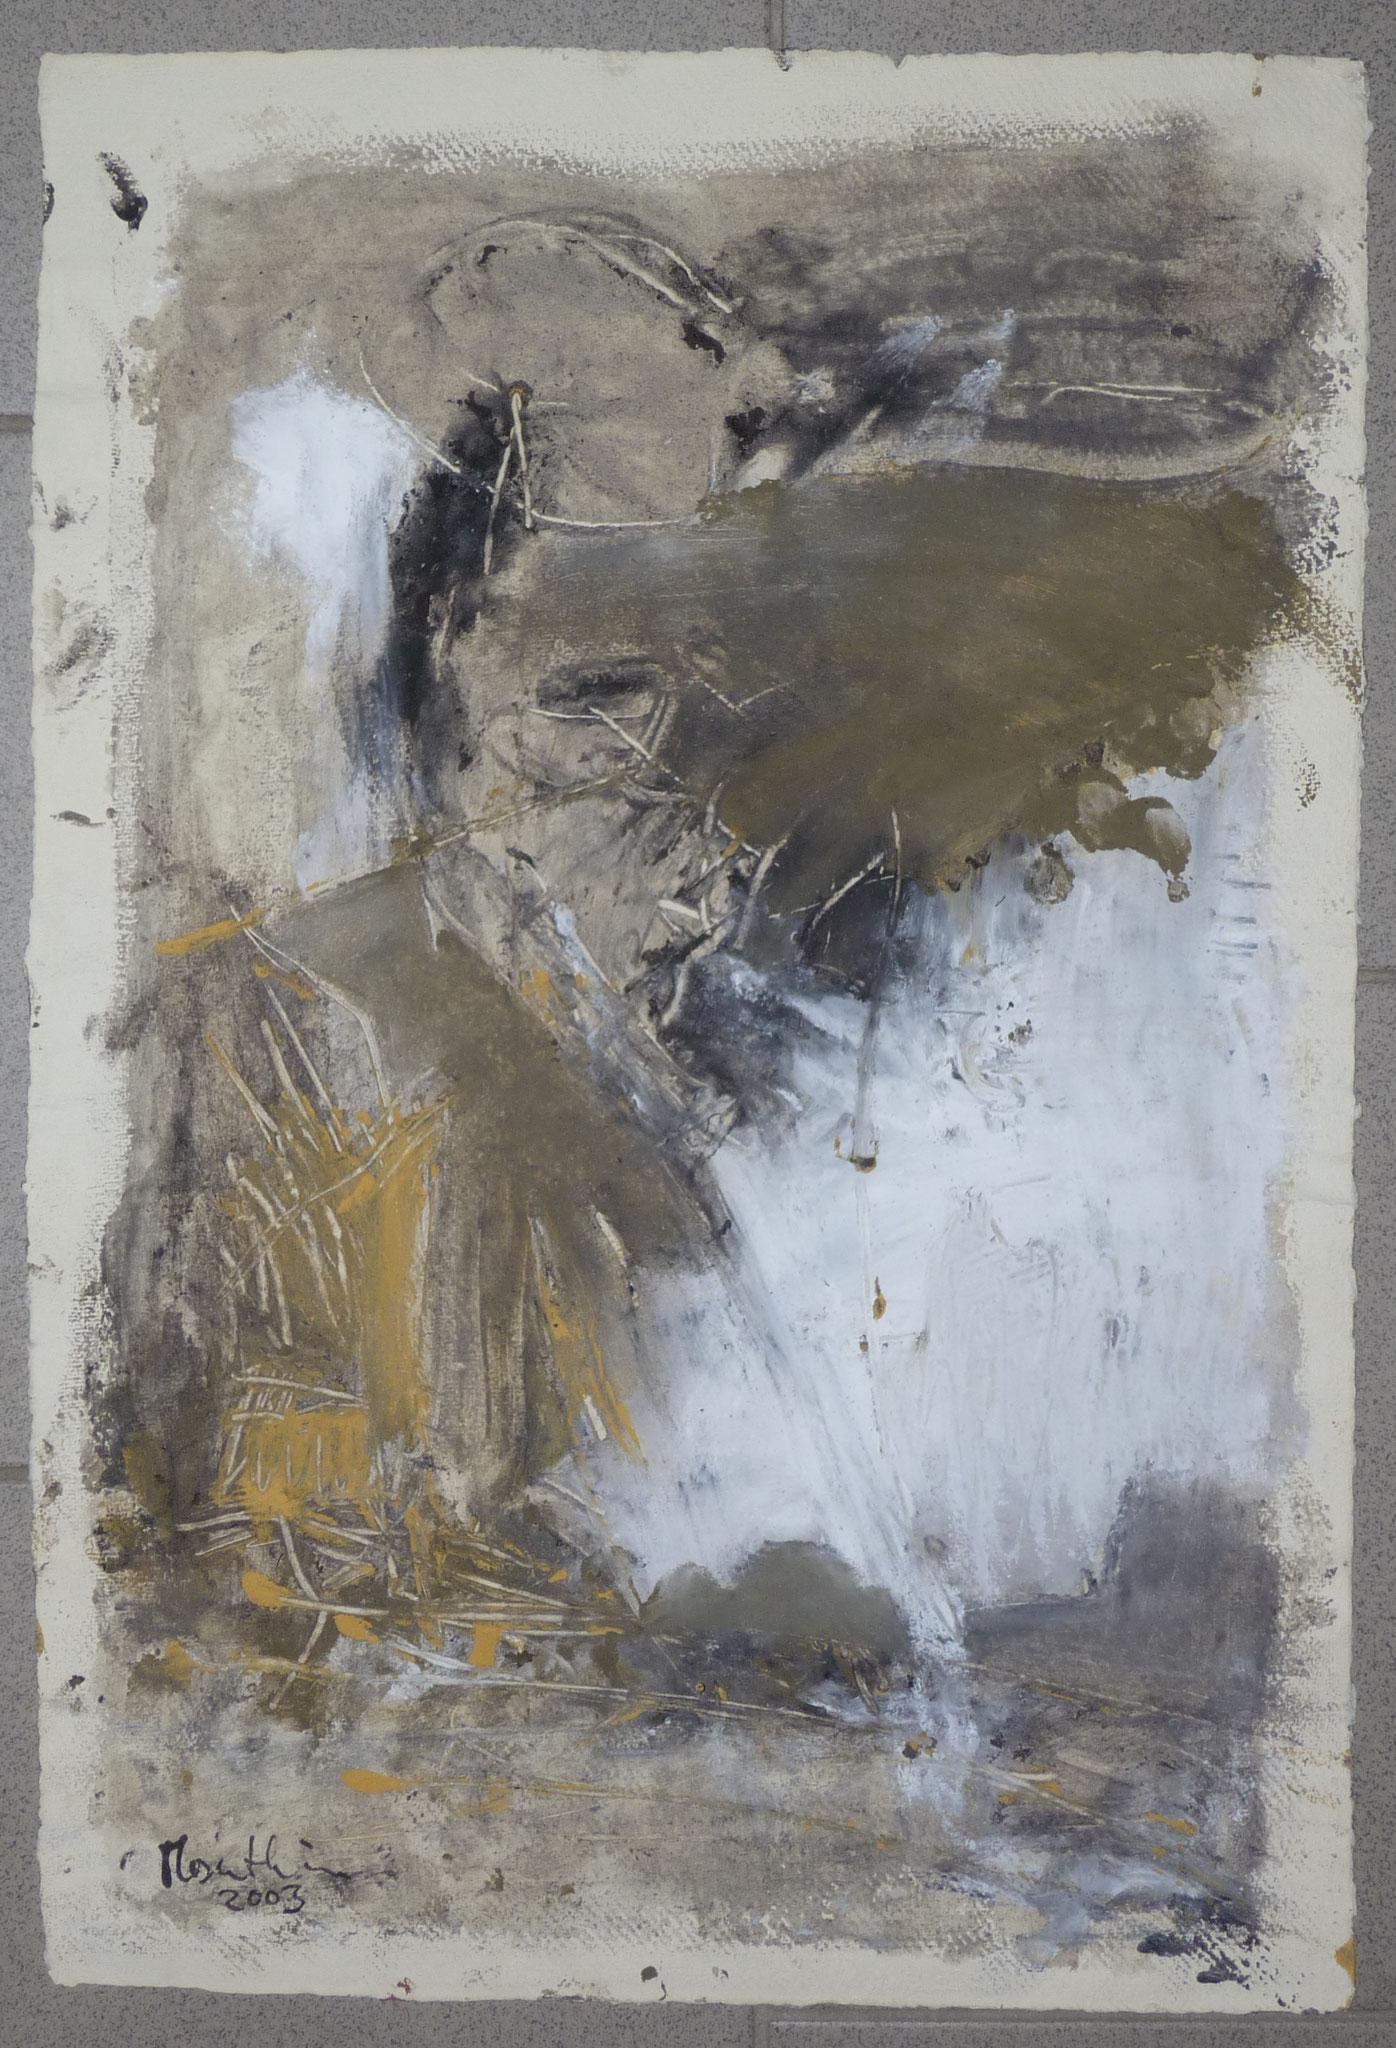 oT2, 2003, 37x55cm, Papier